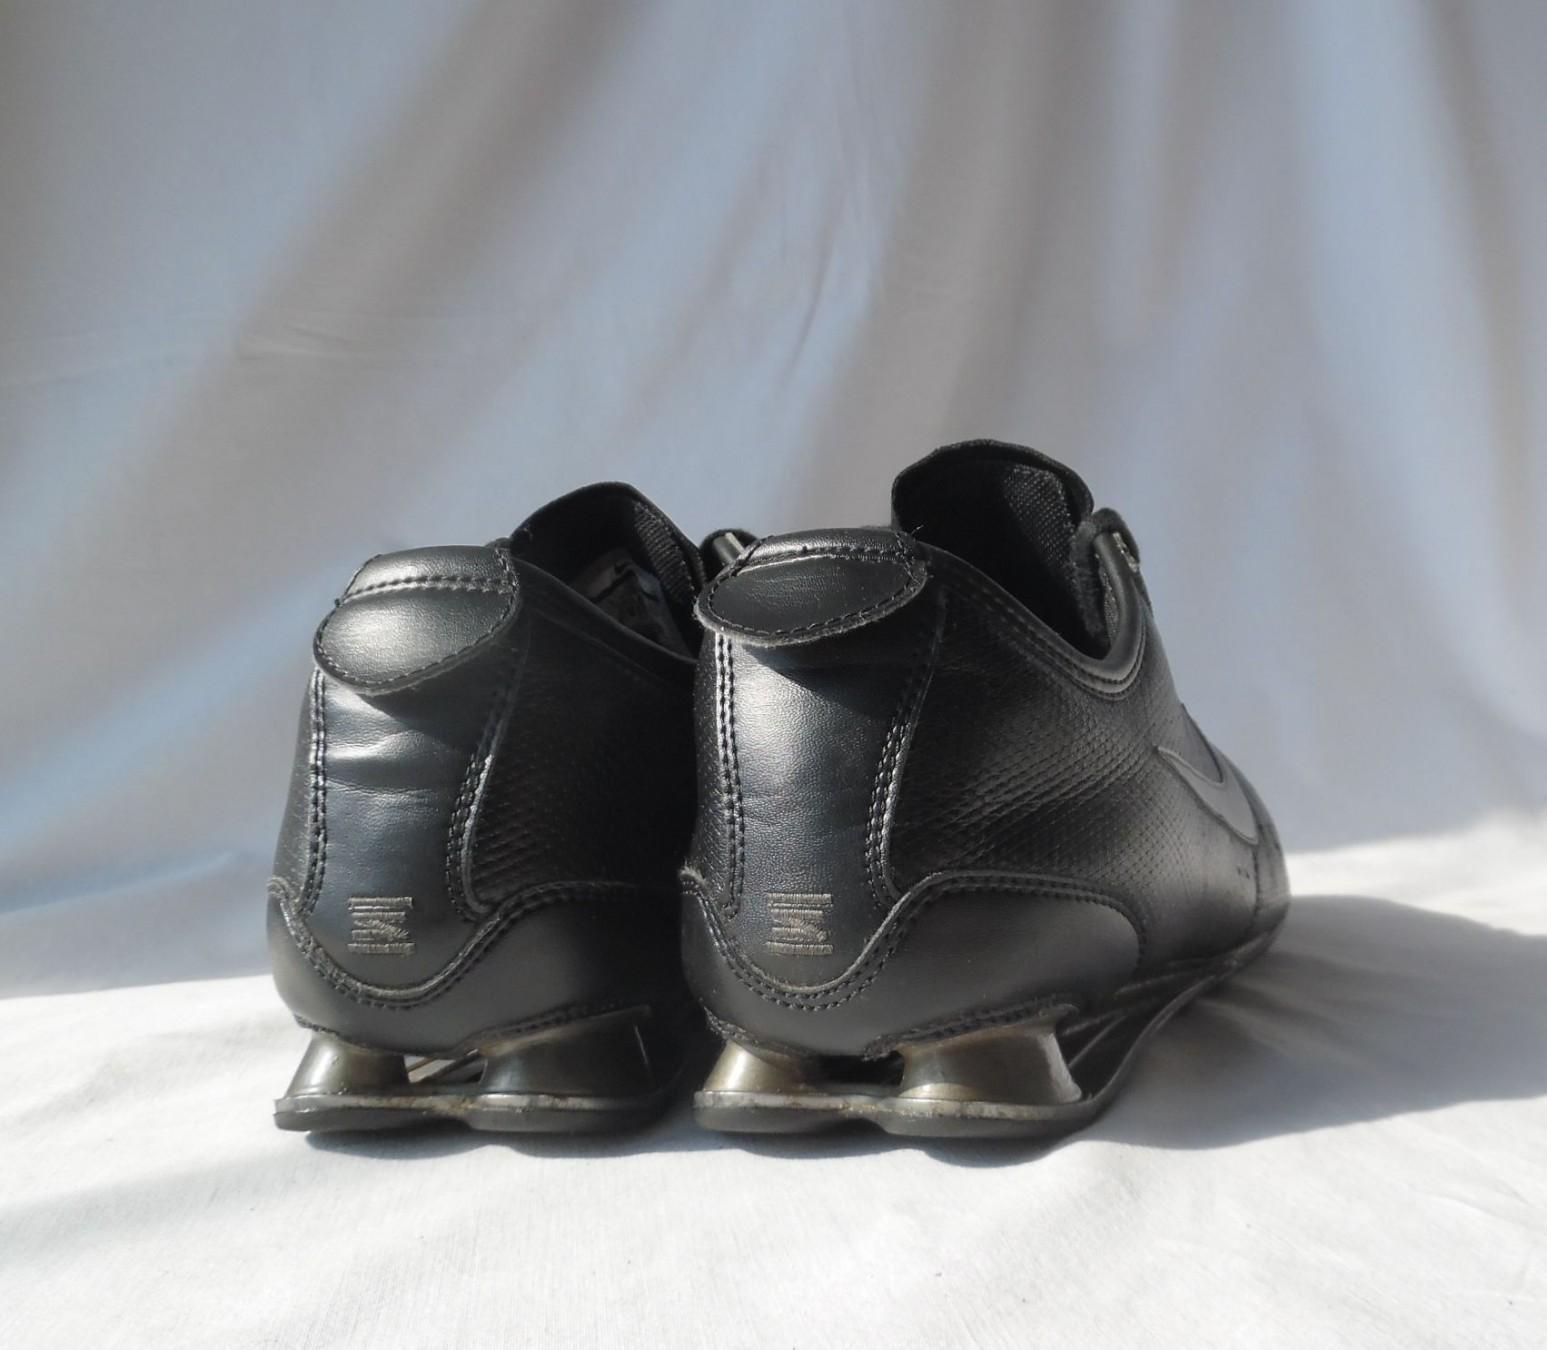 separation shoes 1af87 c2024 ... real original nike shox rivalry extra moderne koznebr. 47 c9834 1e66a